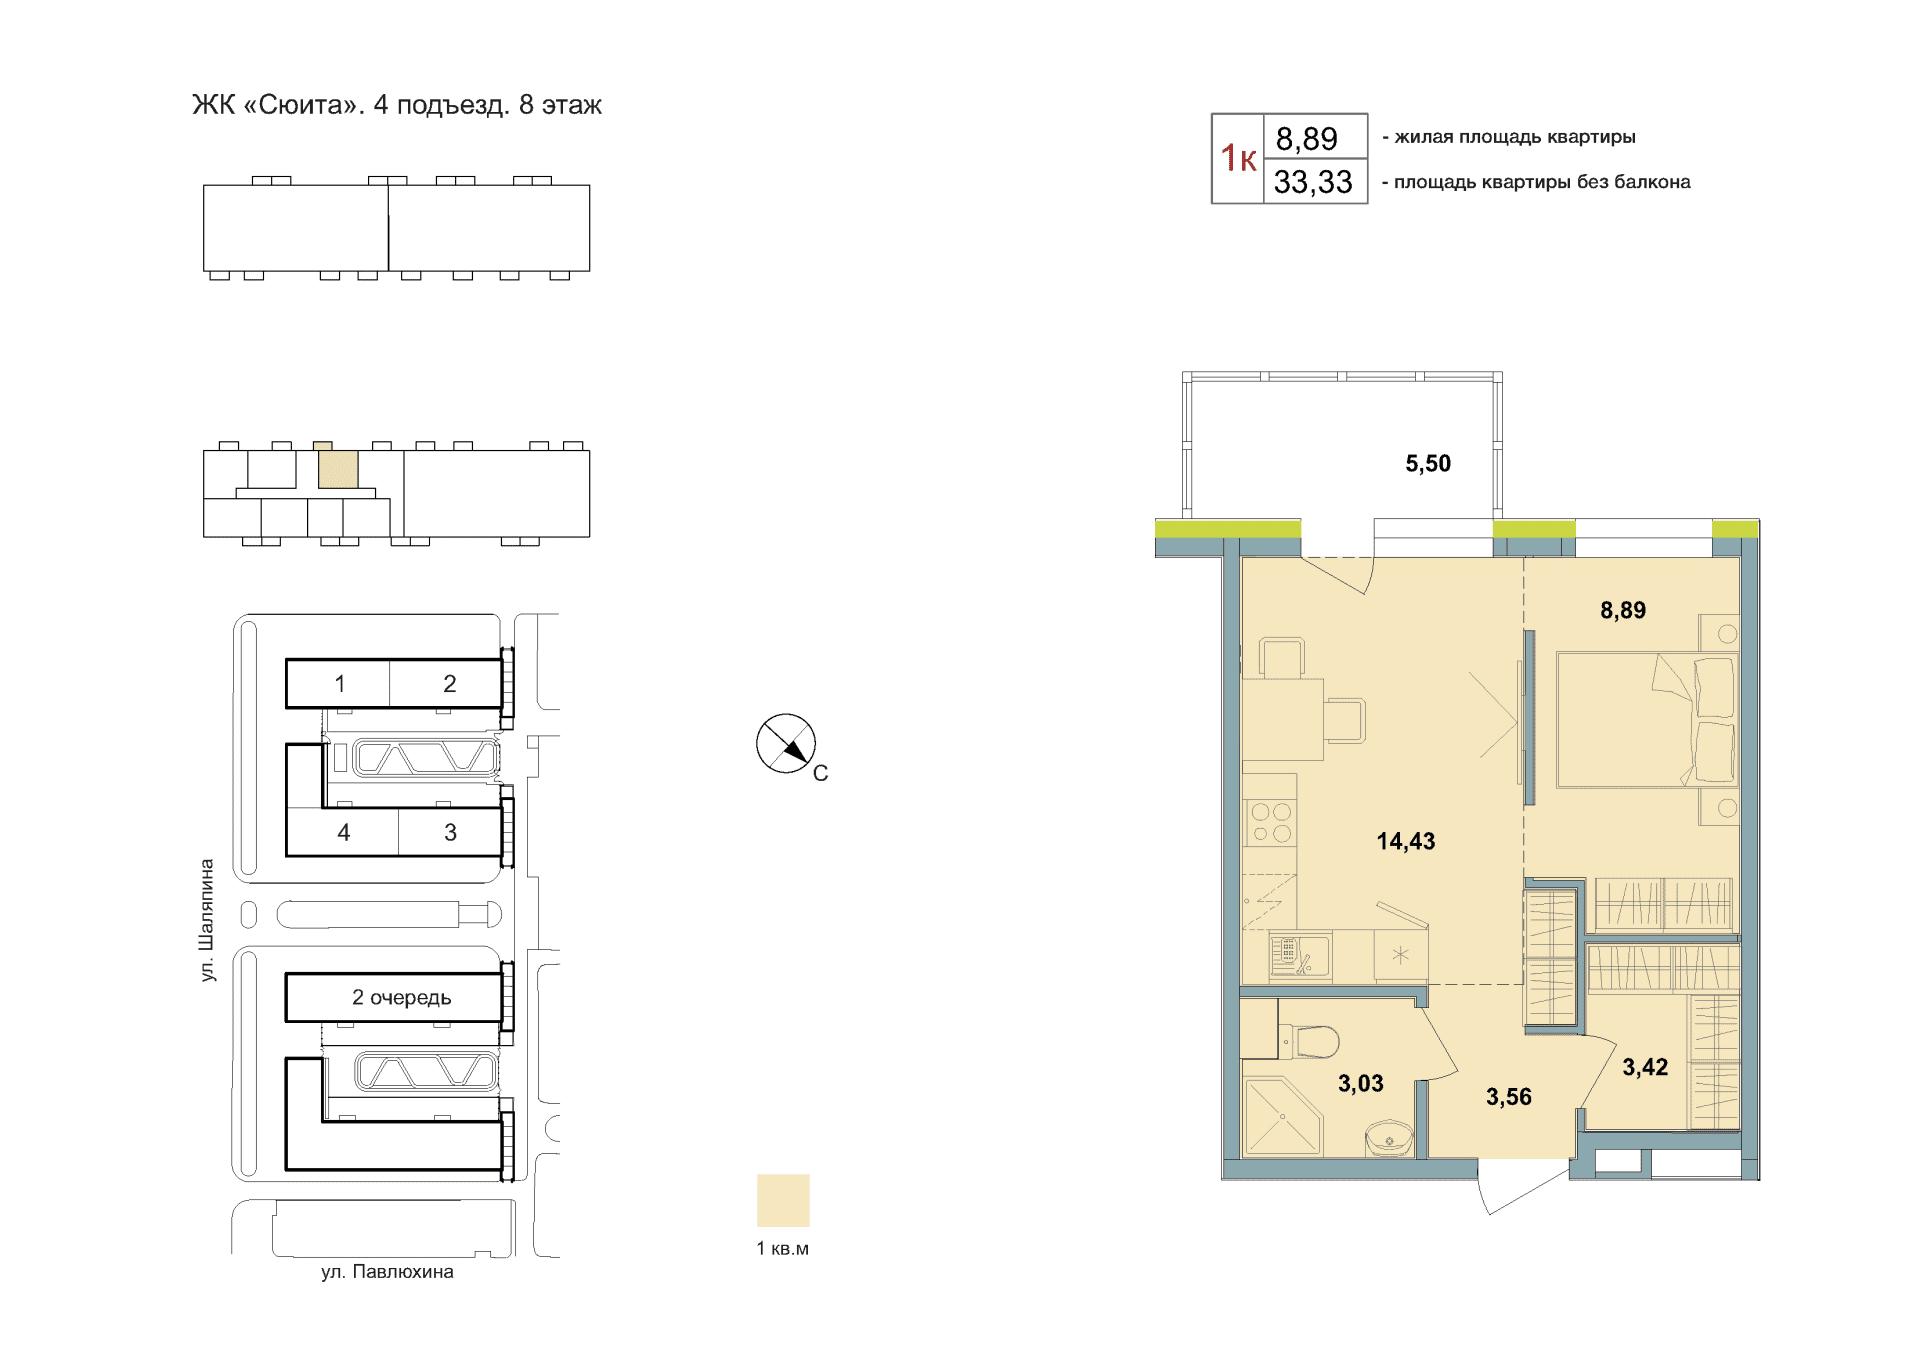 Квартира №194